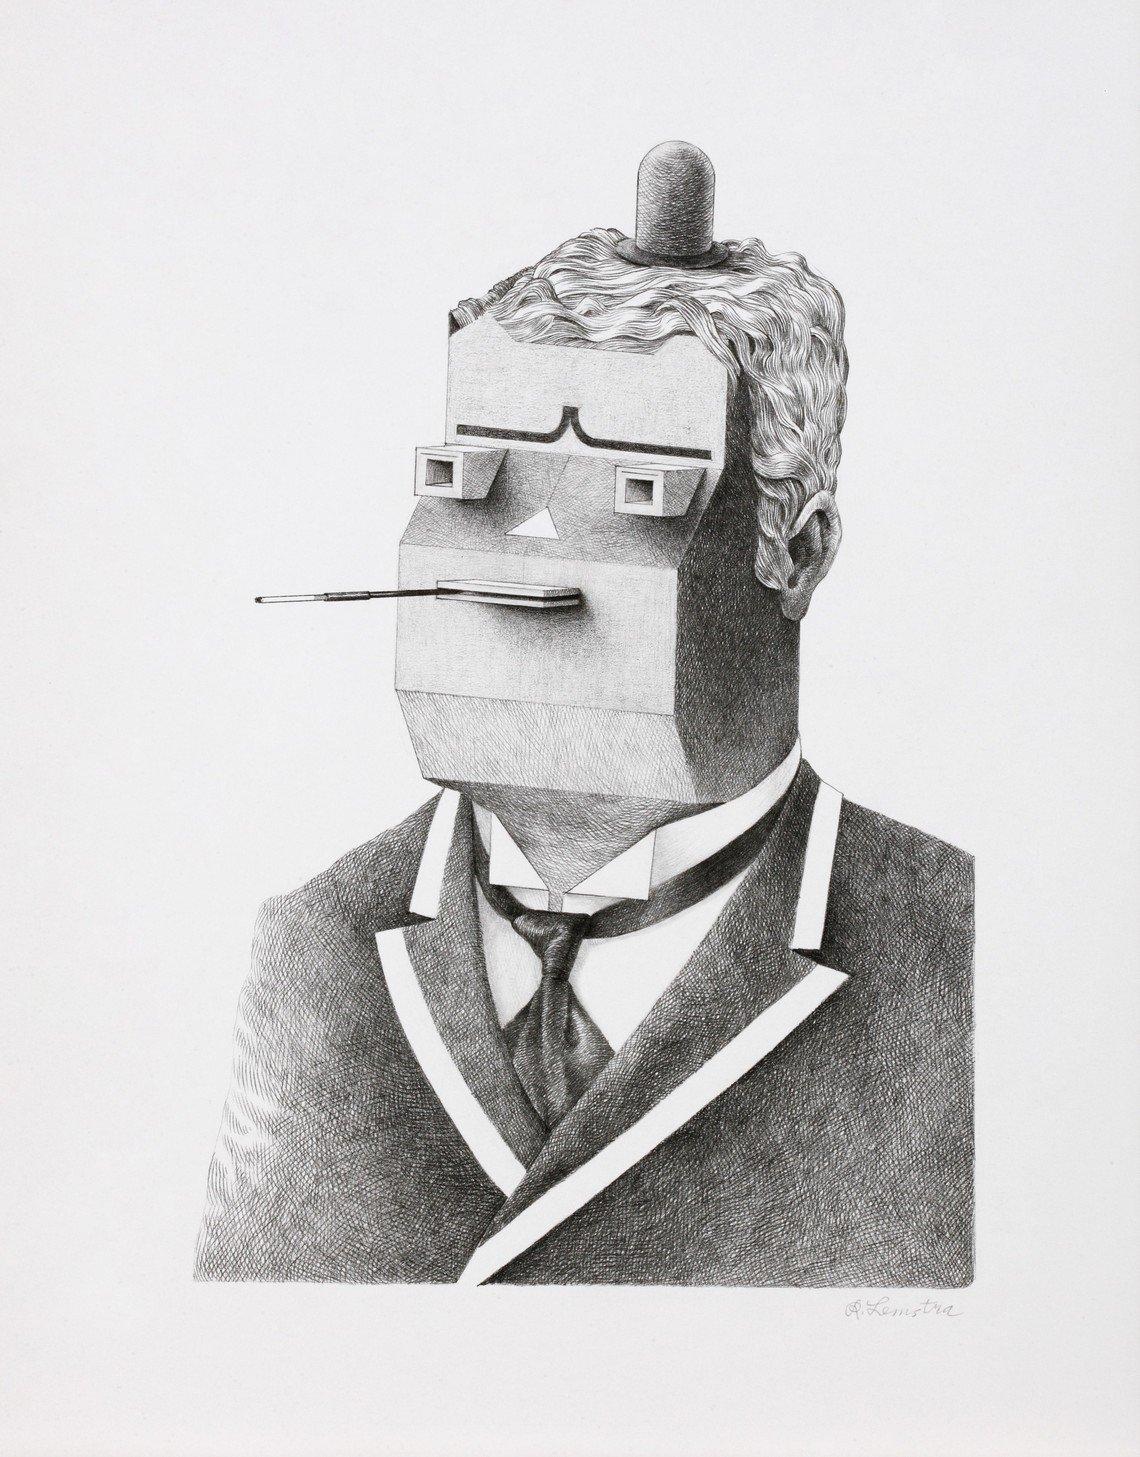 Raymond Lemstra - Tobacco I